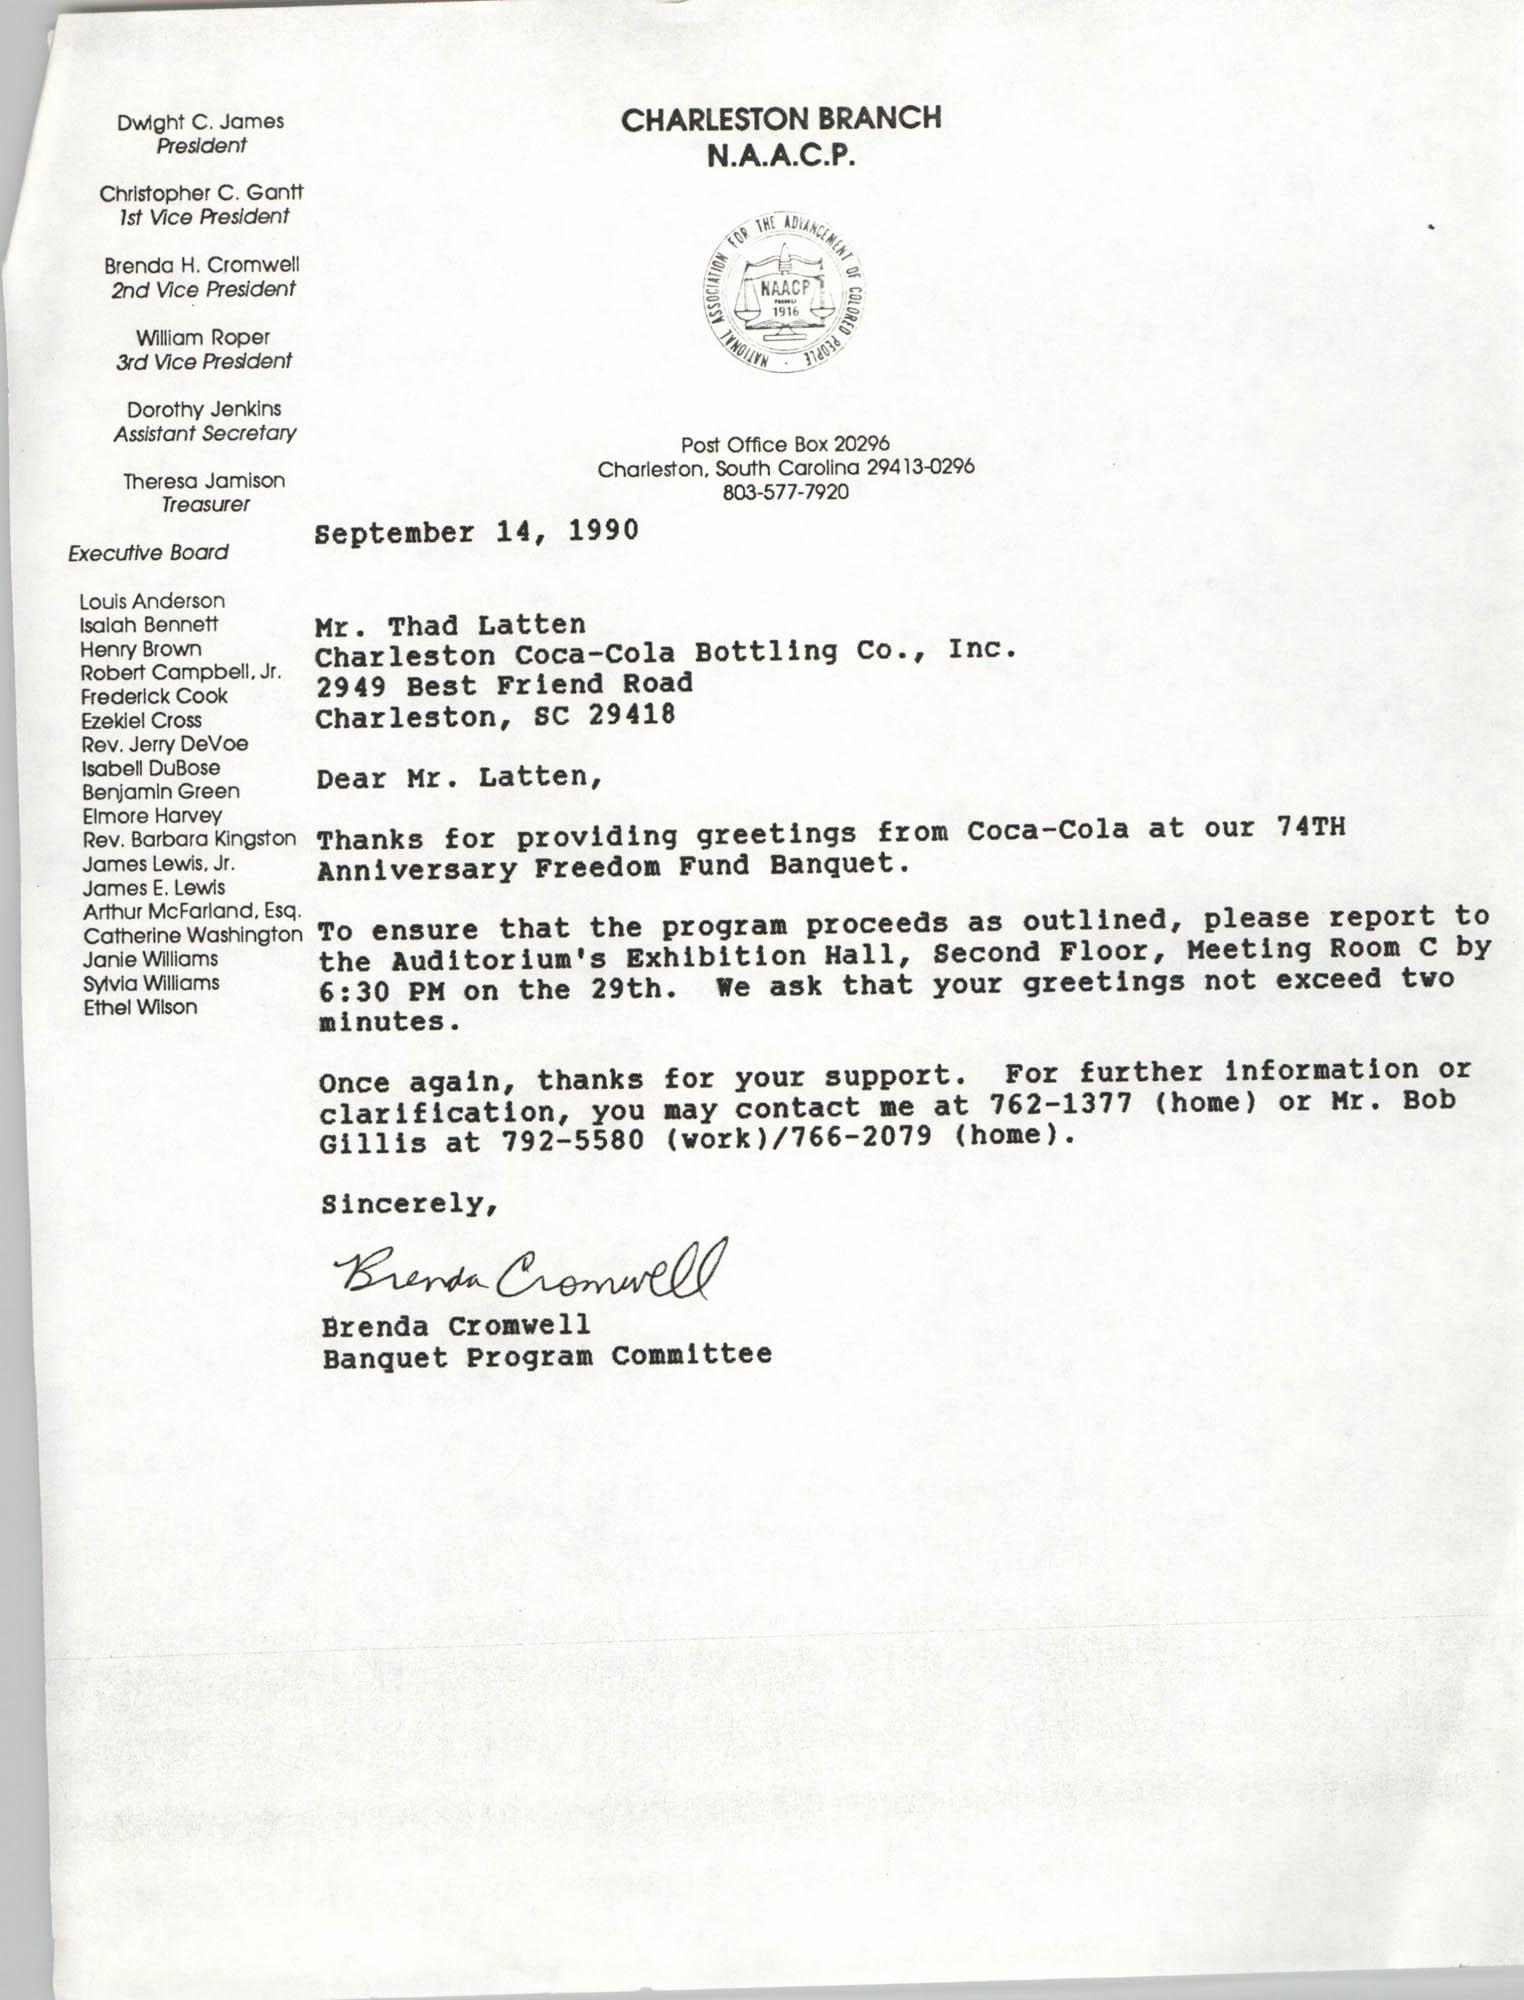 Letter from Brenda Cromwell to Thad Latten, September 14, 1990